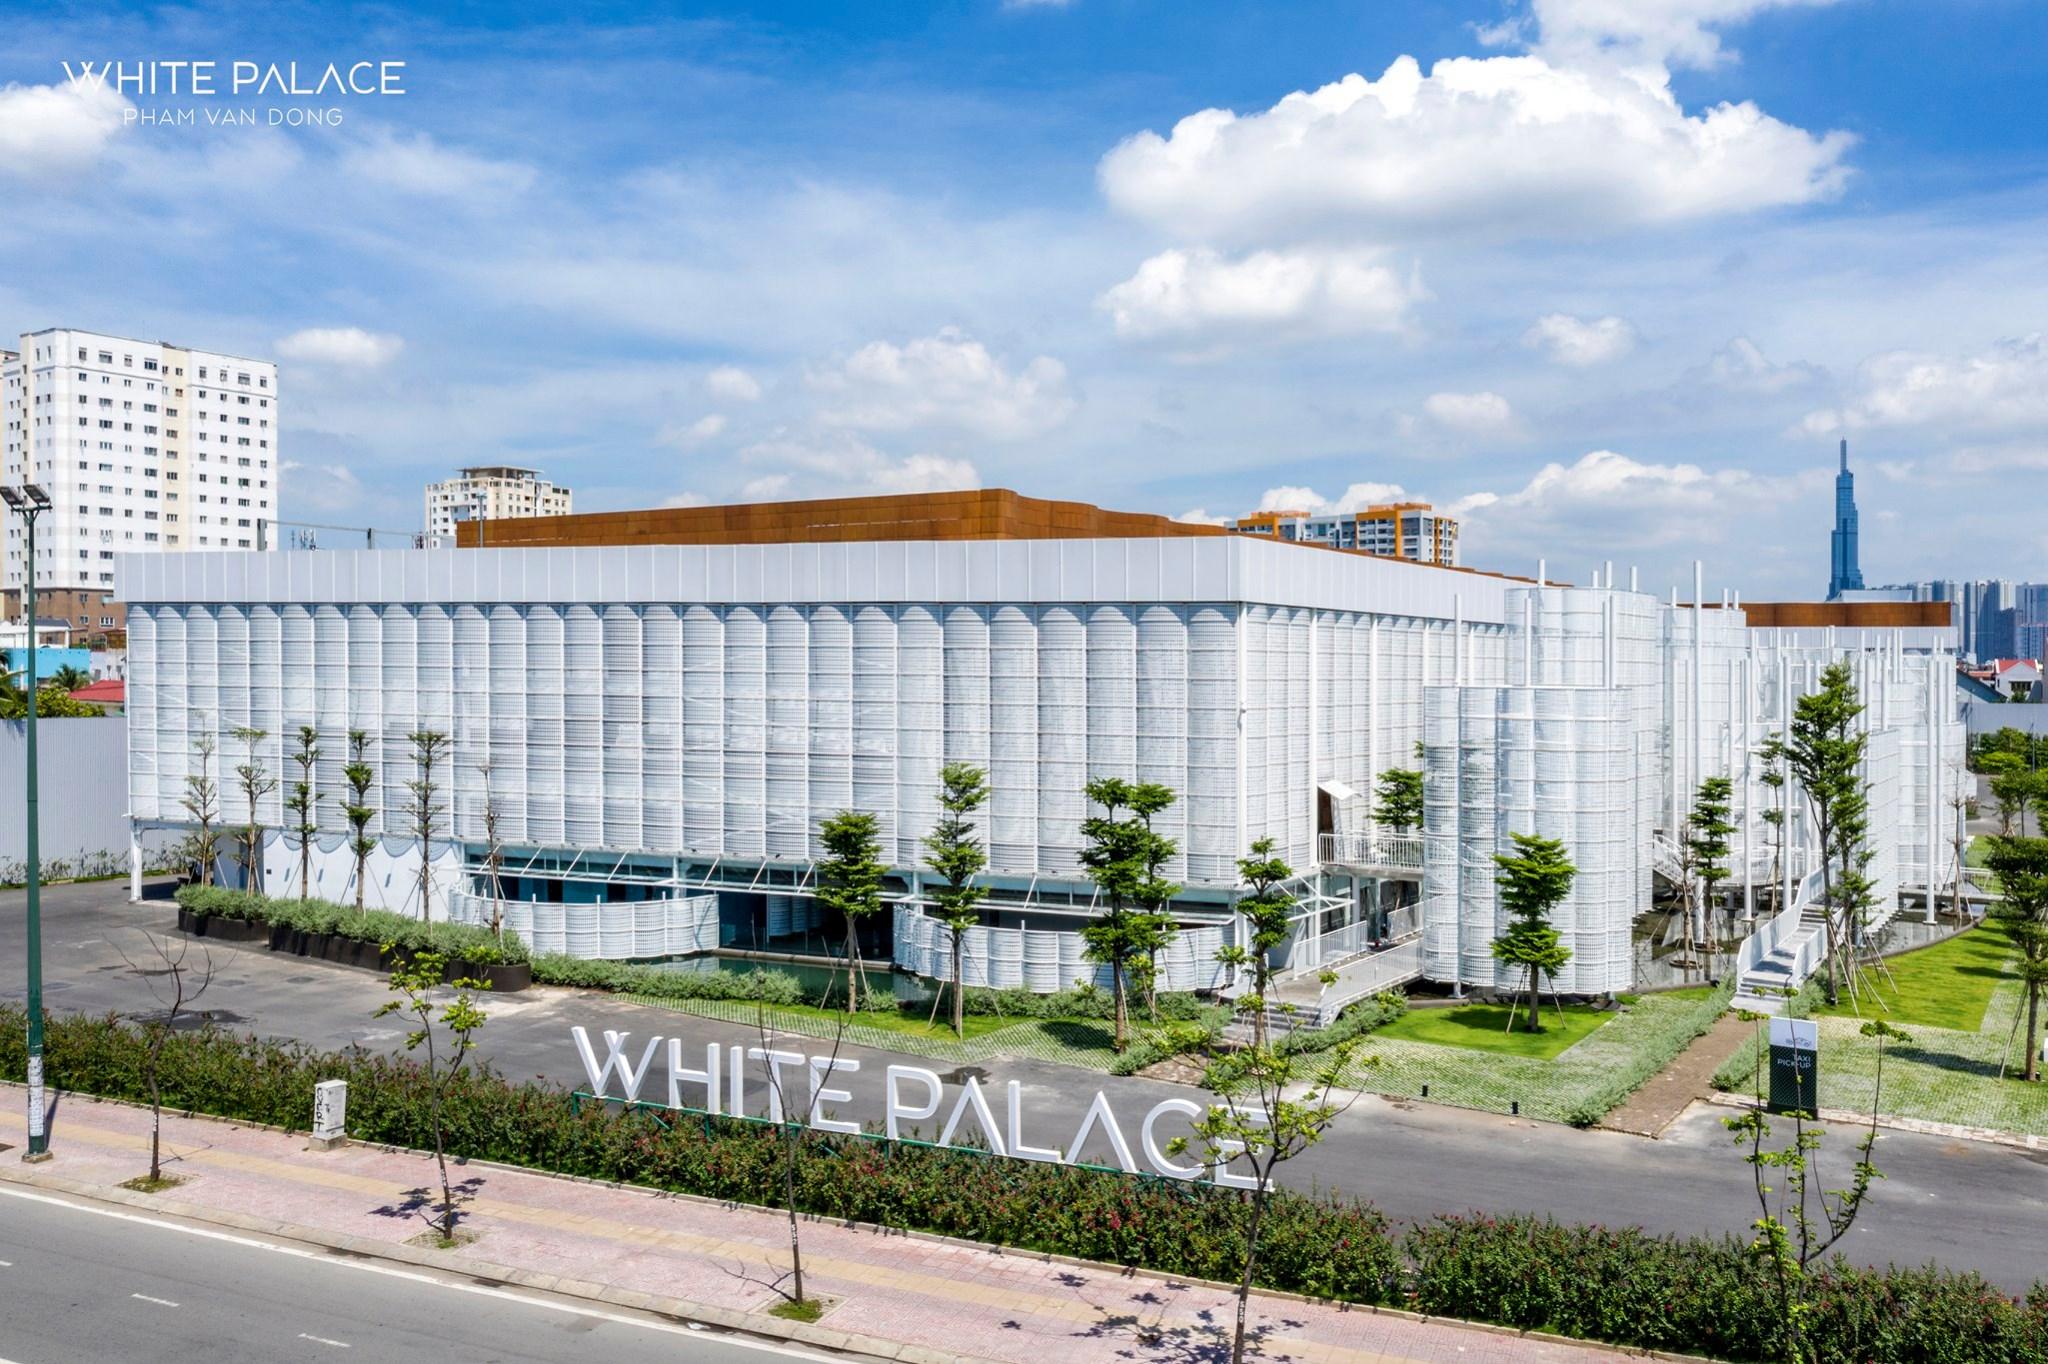 Trung Tâm Sự Kiện & Triển Lãm White Palace Phạm Văn Đồng